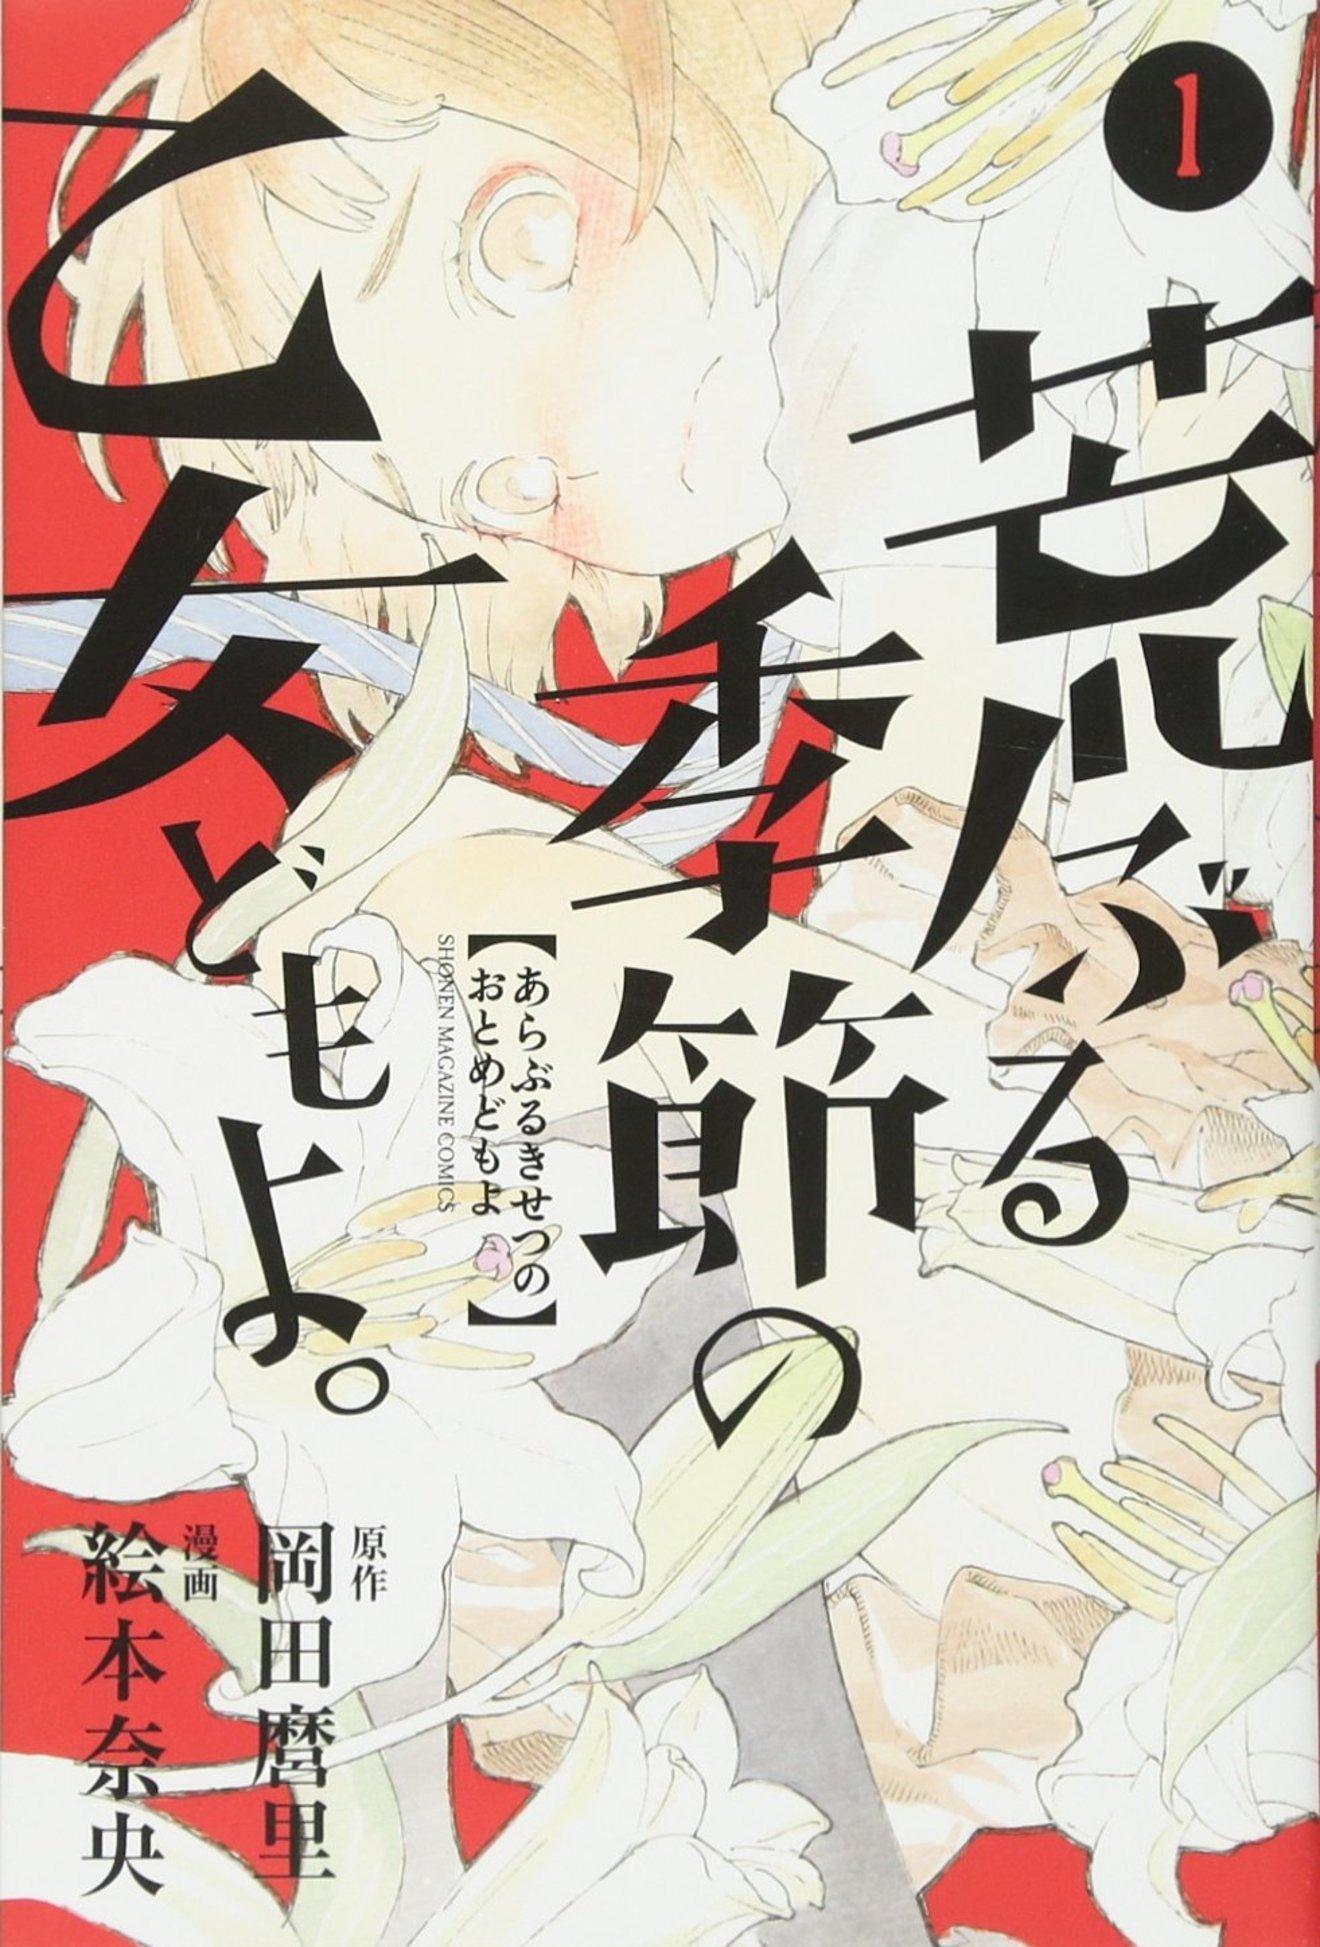 アニメ化『荒ぶる季節の乙女どもよ。』全巻ネタバレ!JKが真剣に性談義?